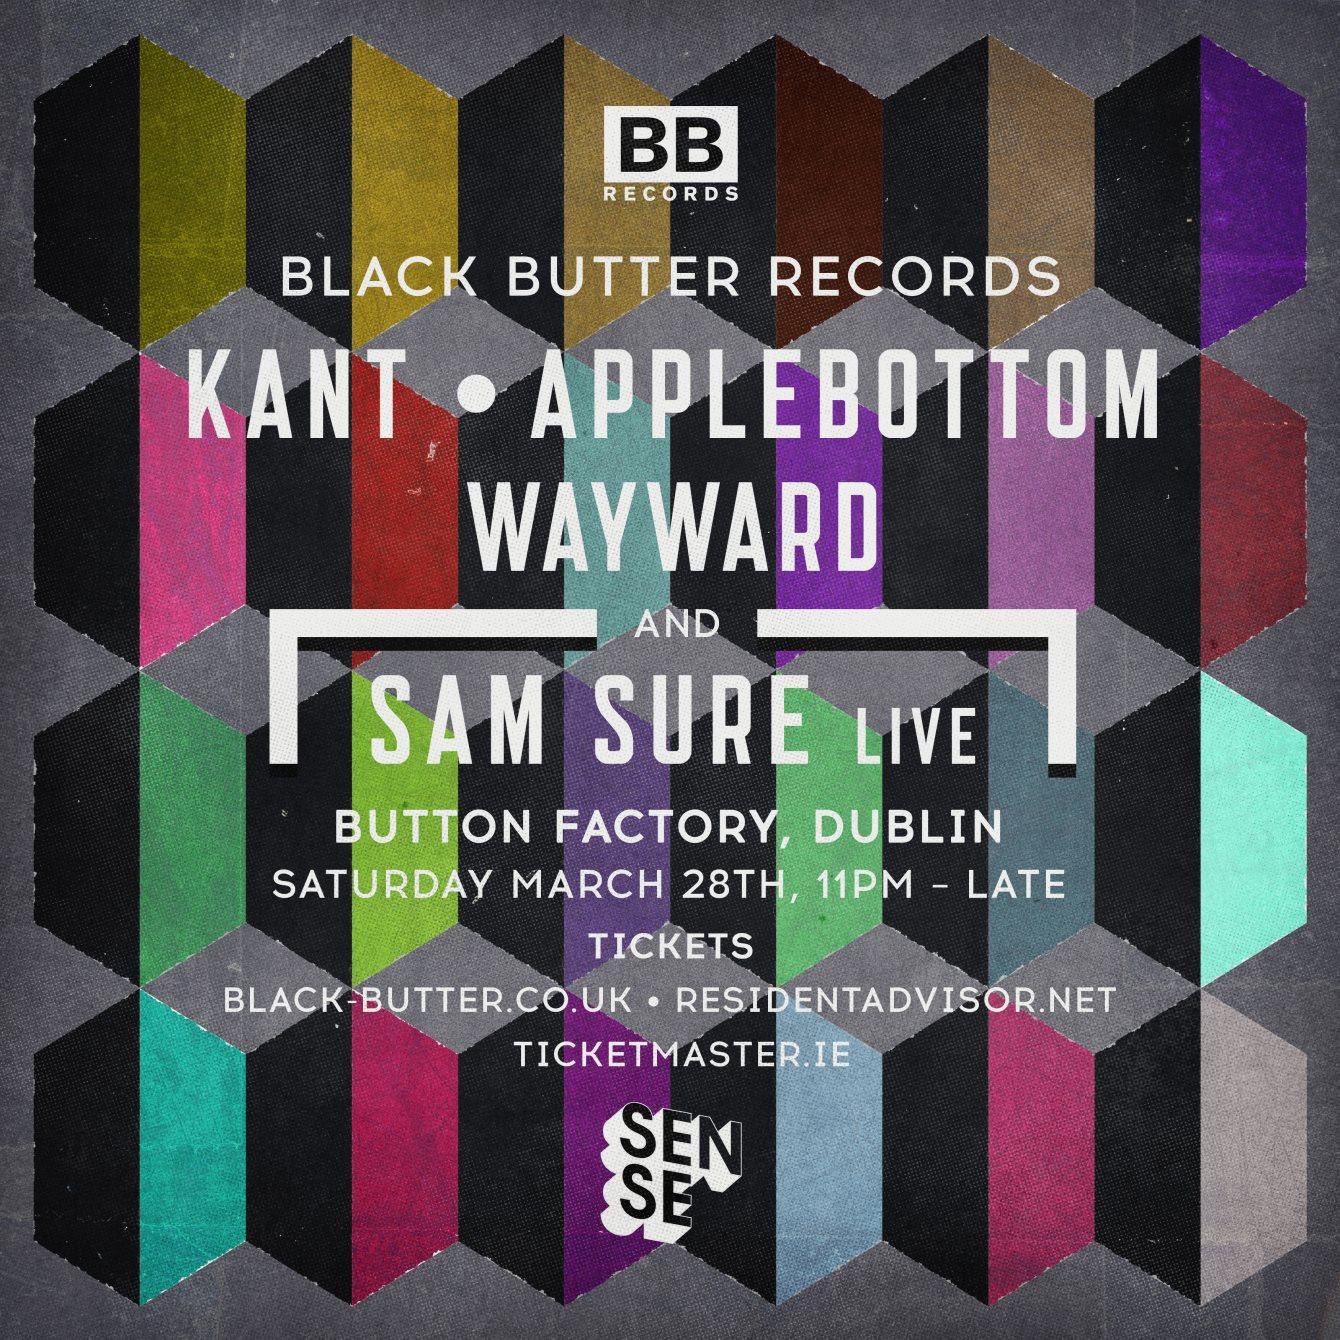 Black Butter Records At Sense - Kant, Applebottom, Wayward, Sam Sure - Flyer front